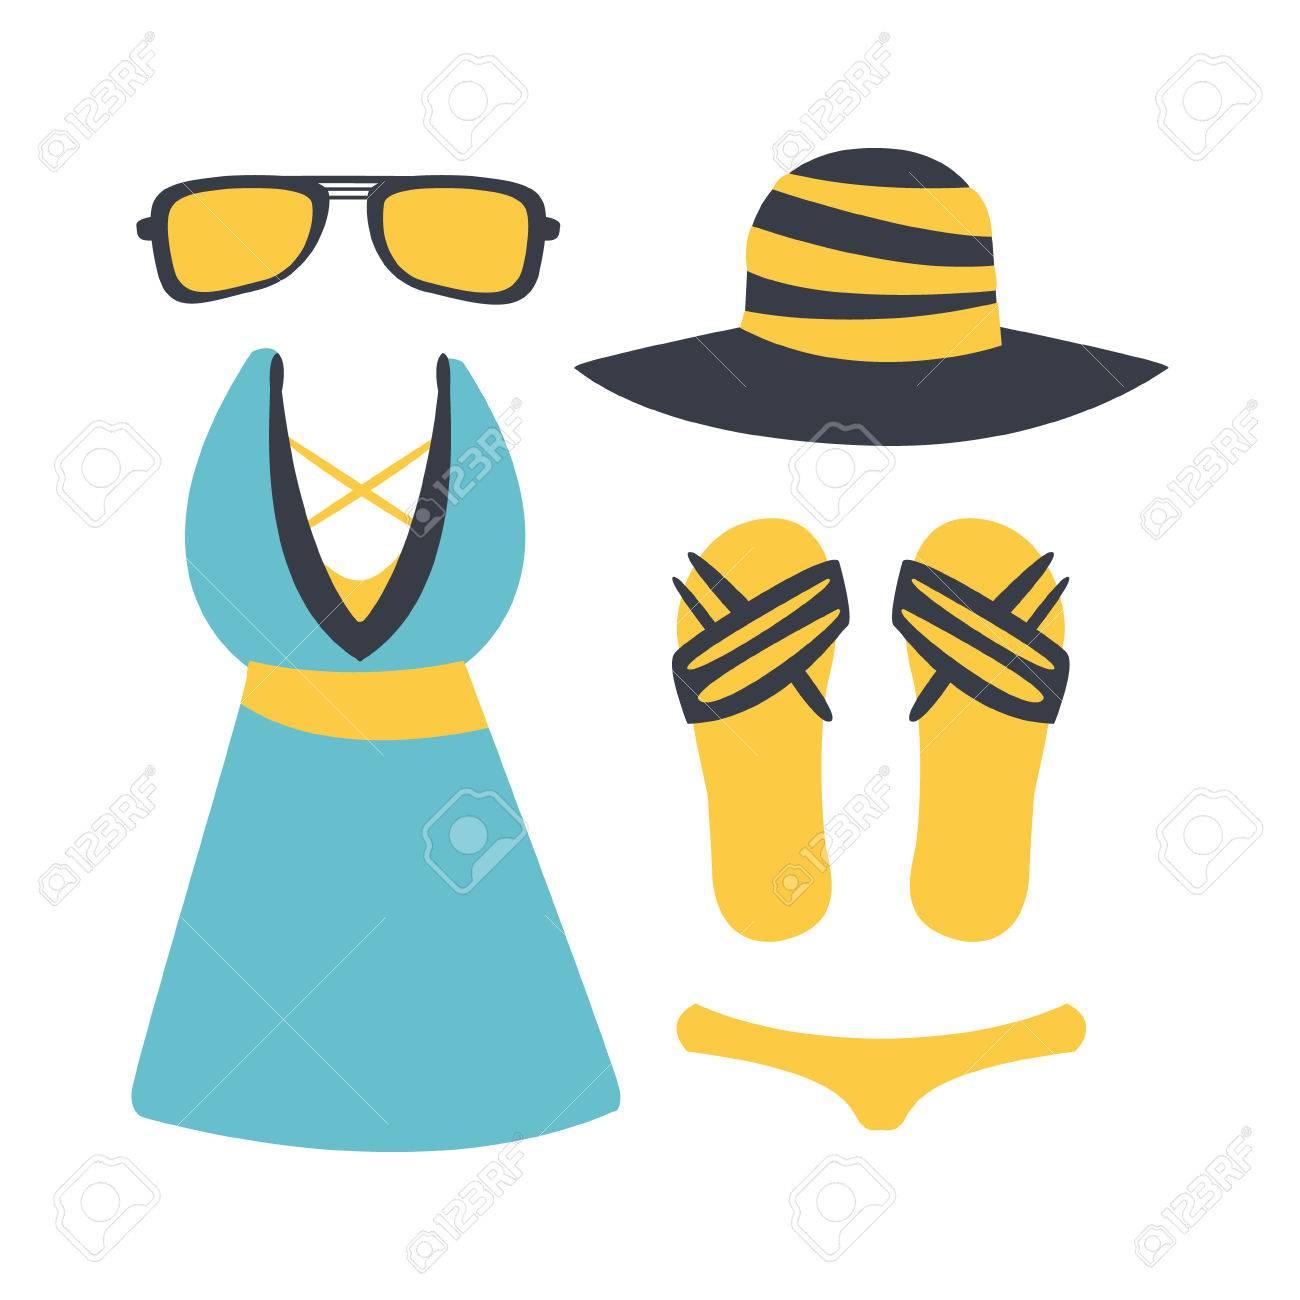 Banque d\u0027images , Maillot de bain avec accessoires de plage. Plage et  vacances tropicales. Illustration de dessin animé coloré